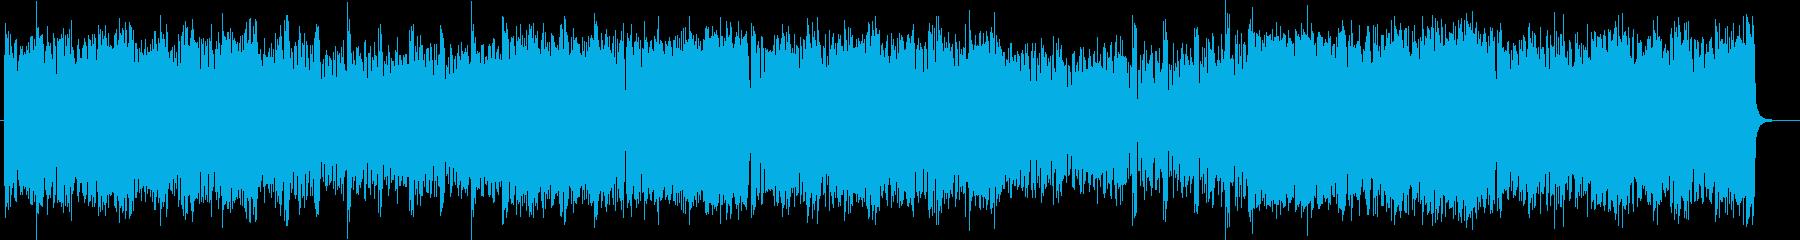 コミカルでトランペットが印象的なポップスの再生済みの波形